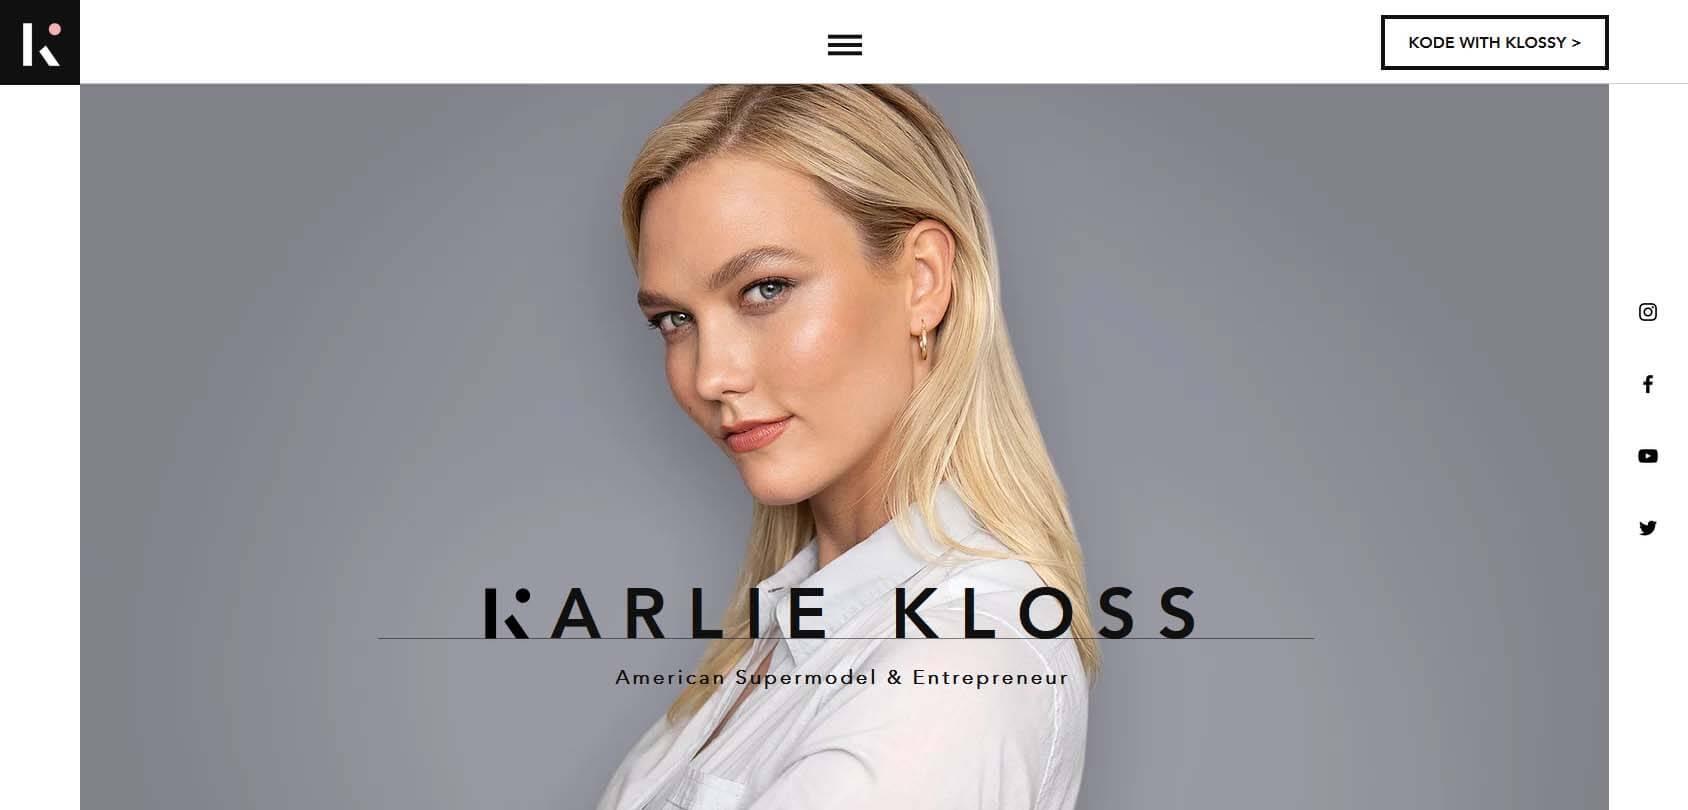 Karlie Kloss Homepage